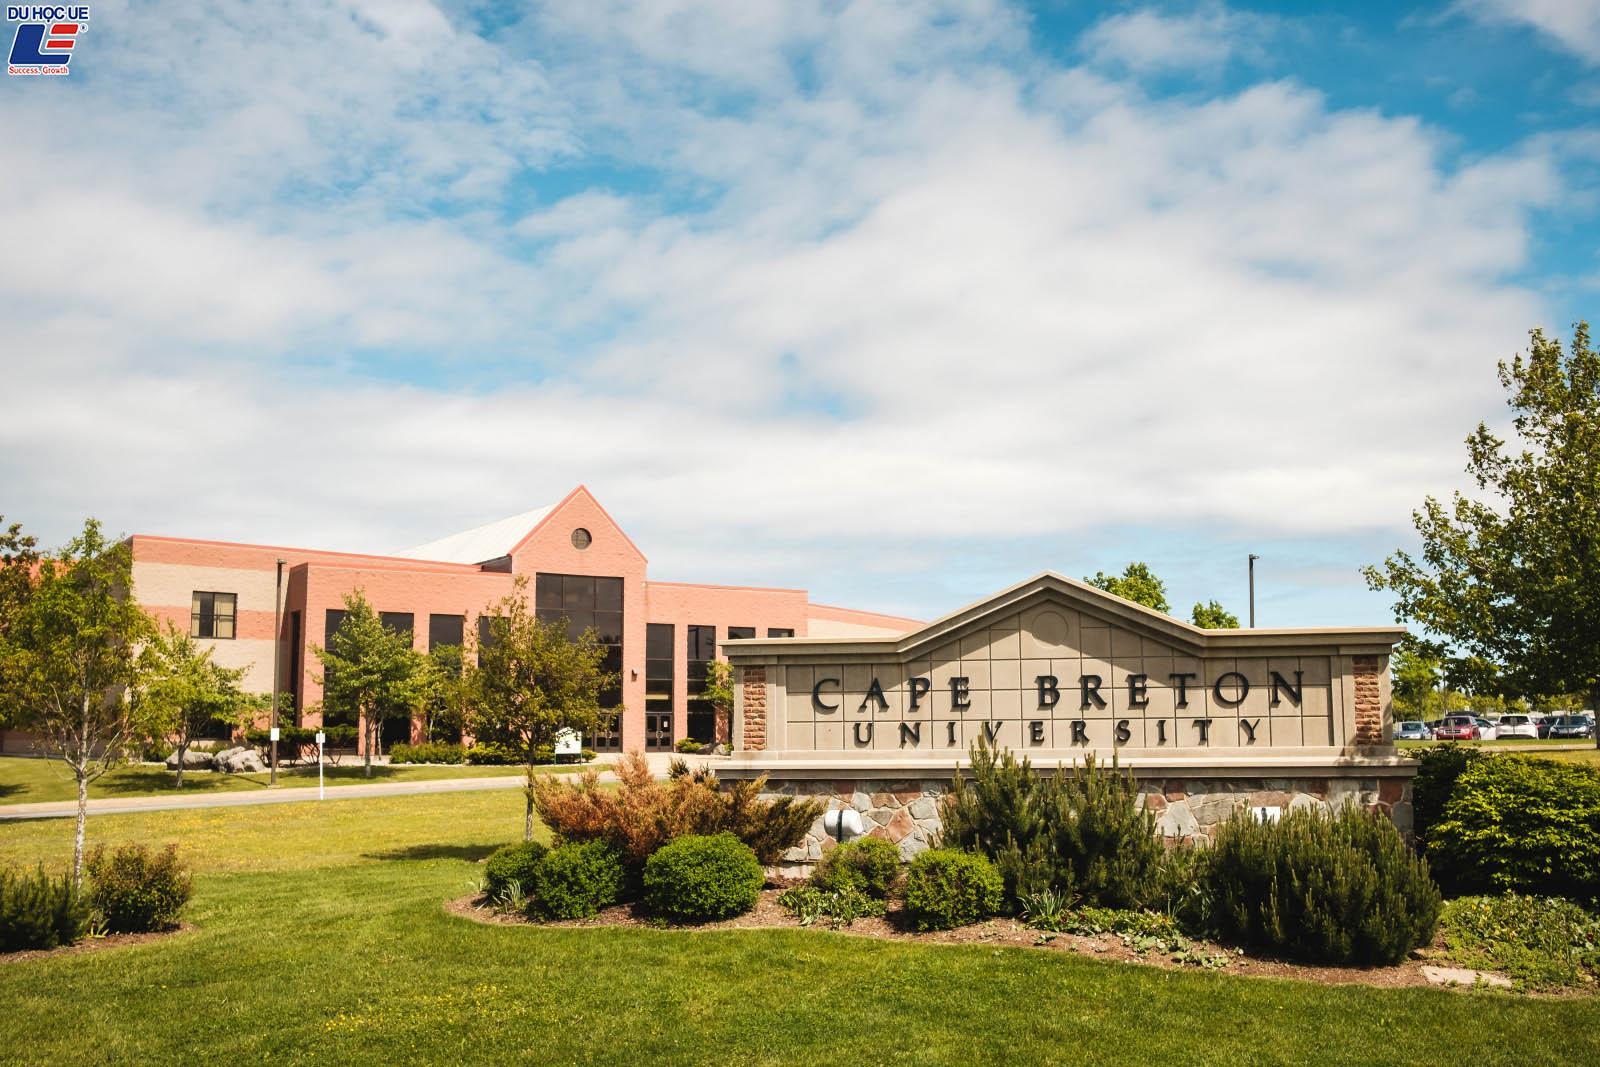 Du học học bổng trường Cape Breton University tại đảo Cape Breton bình yên, Canada 2